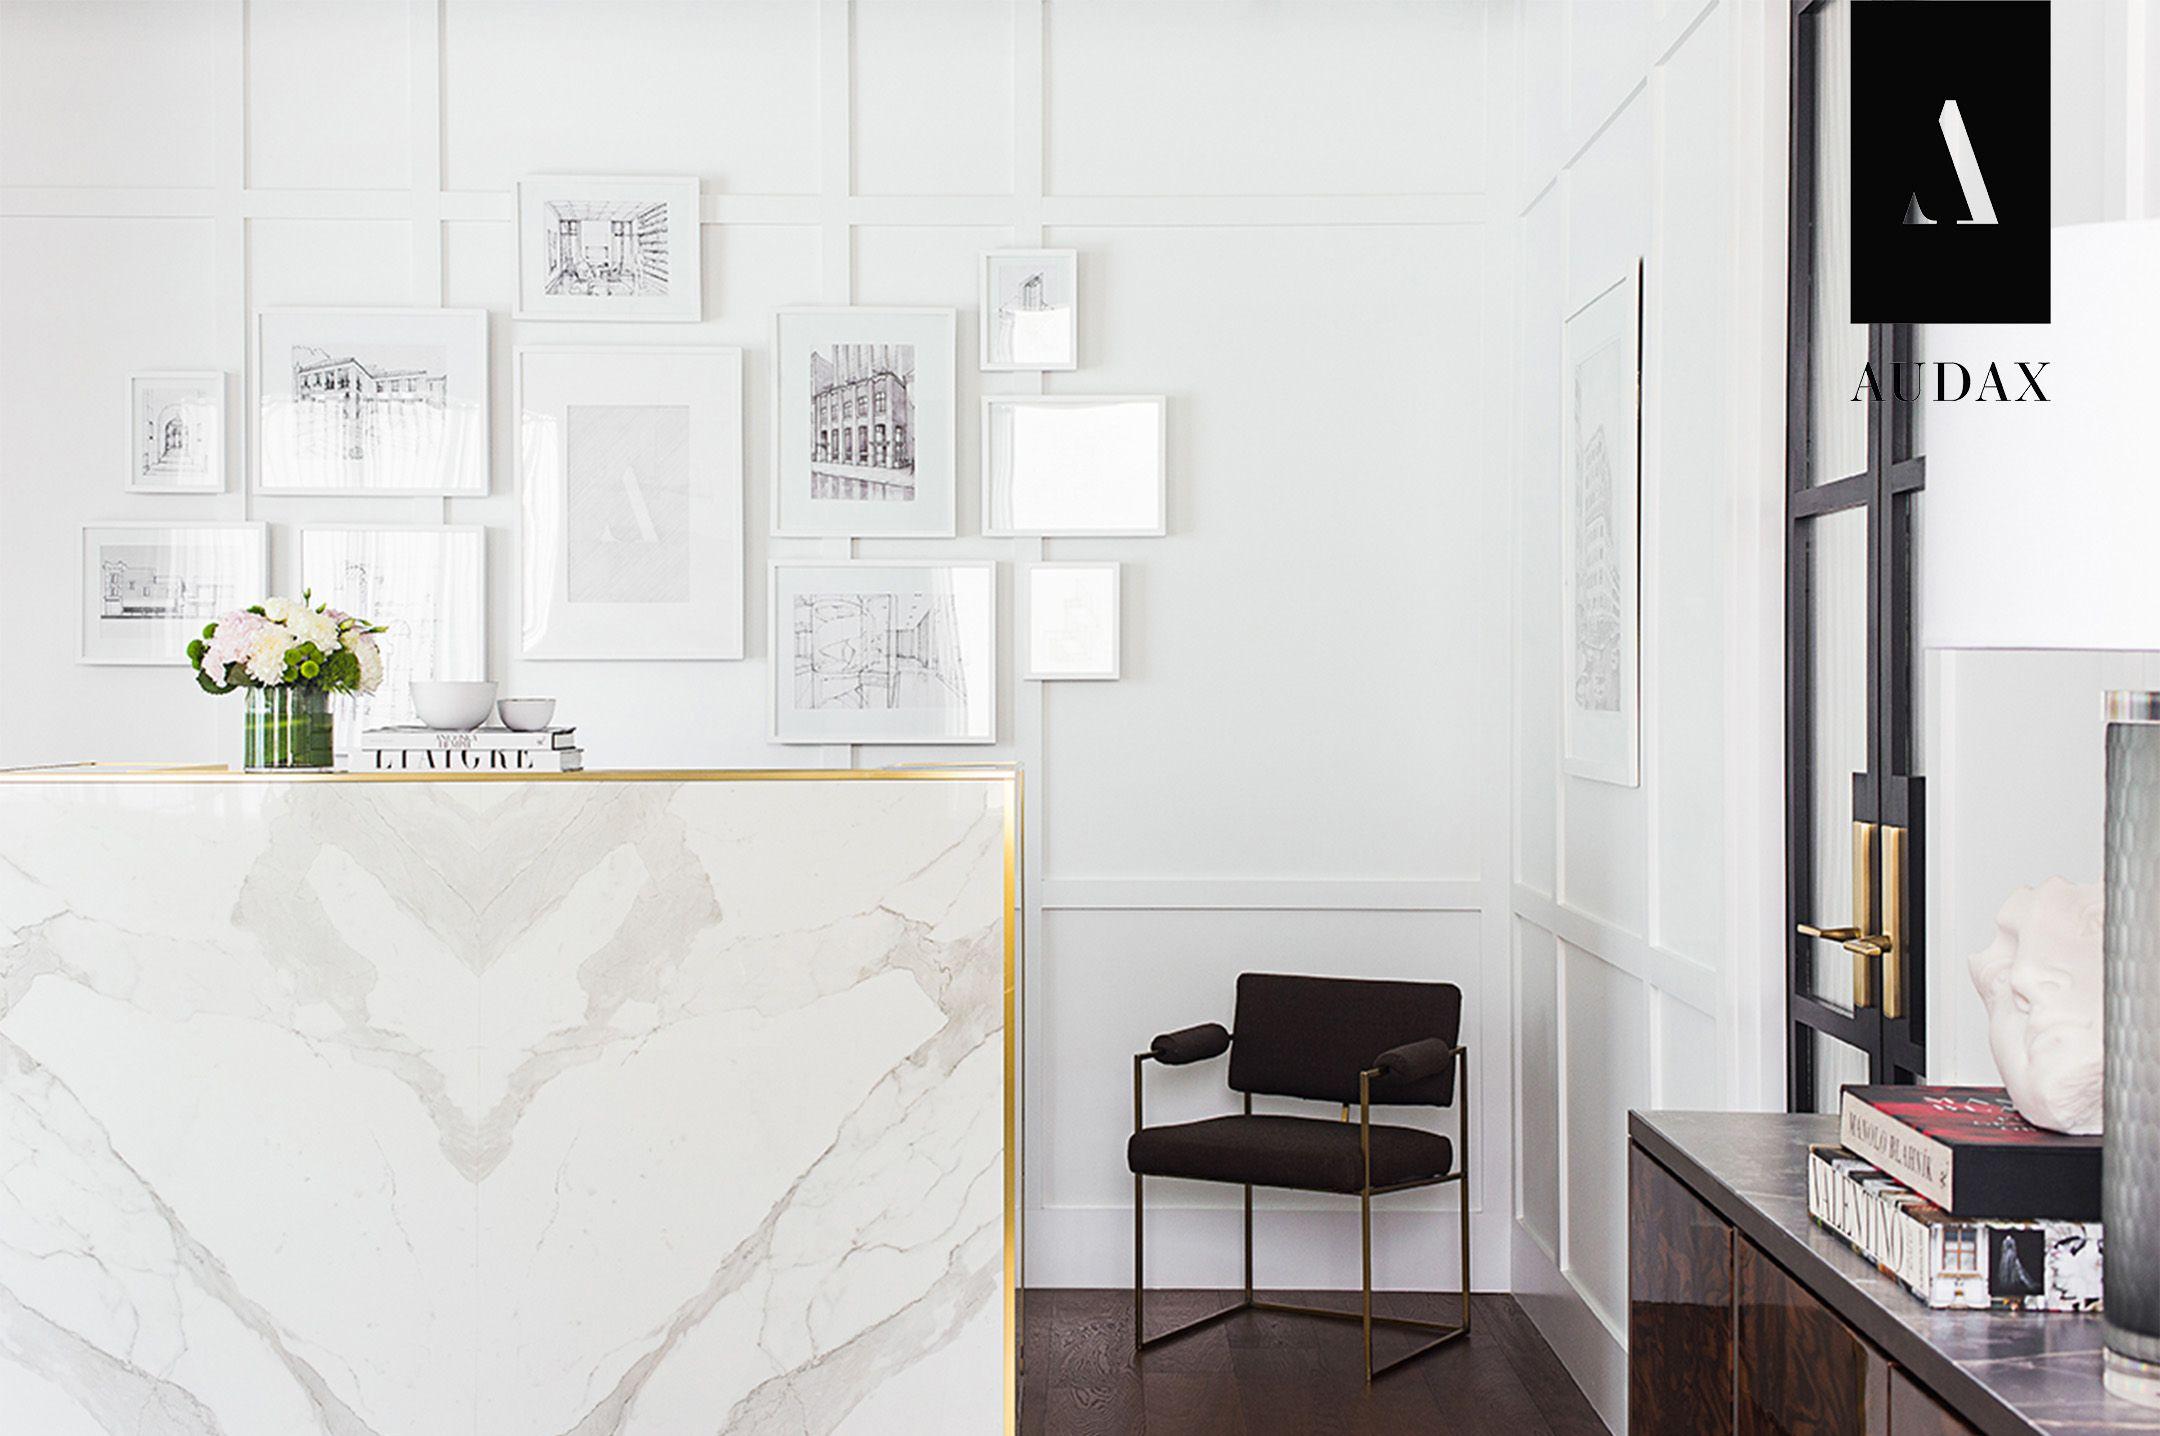 Audax Office Interior Interior Design Interior Design Firms